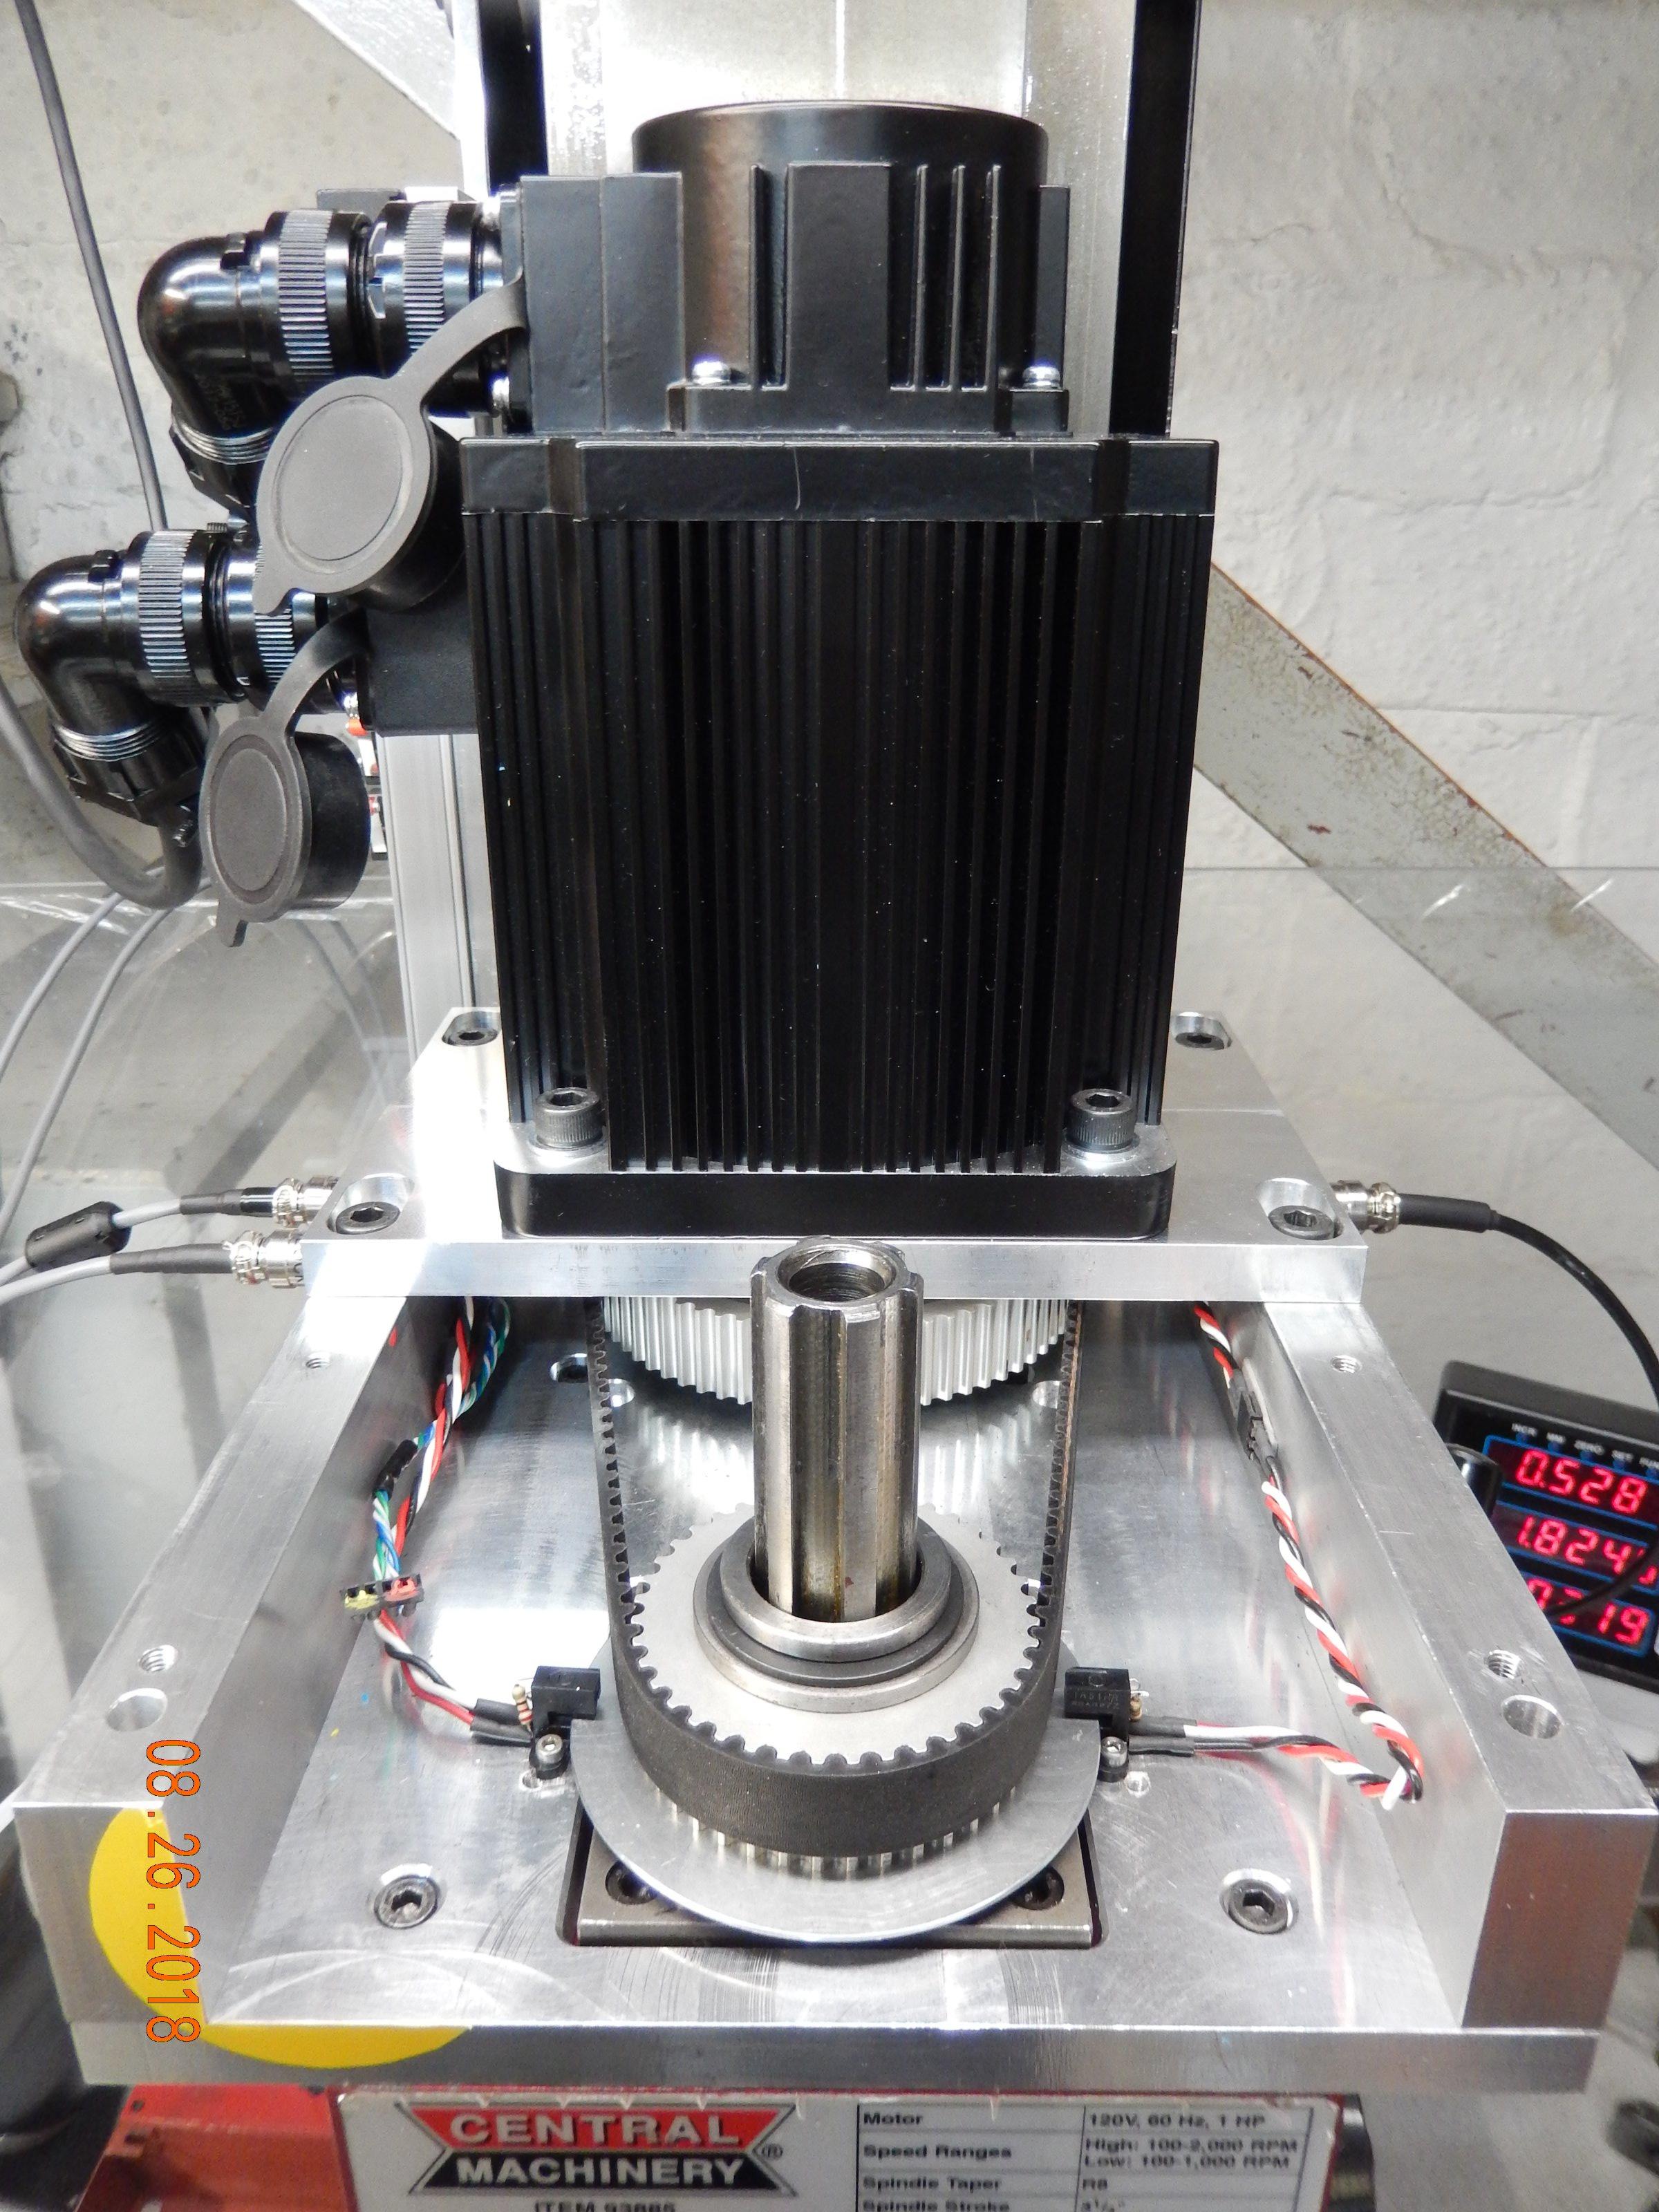 DSCN8099.JPG